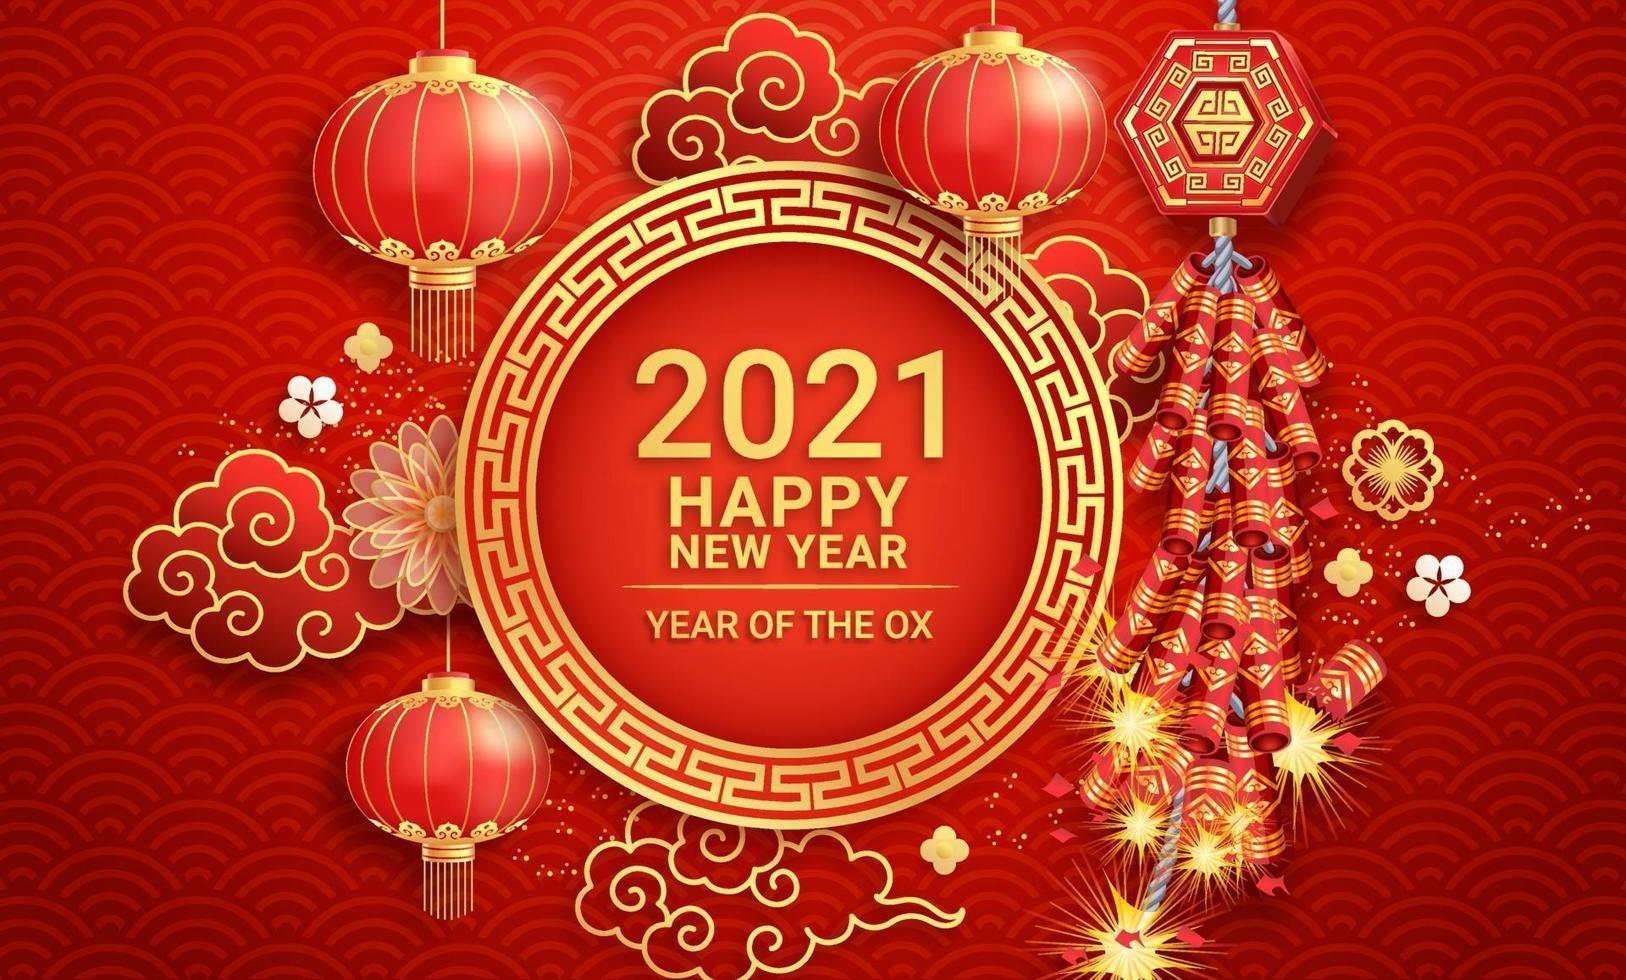 kinesiskt nyår 2021. smällare med papperslyktor och blomma på gratulationskortbakgrund oxens år. vektor illustrationer.